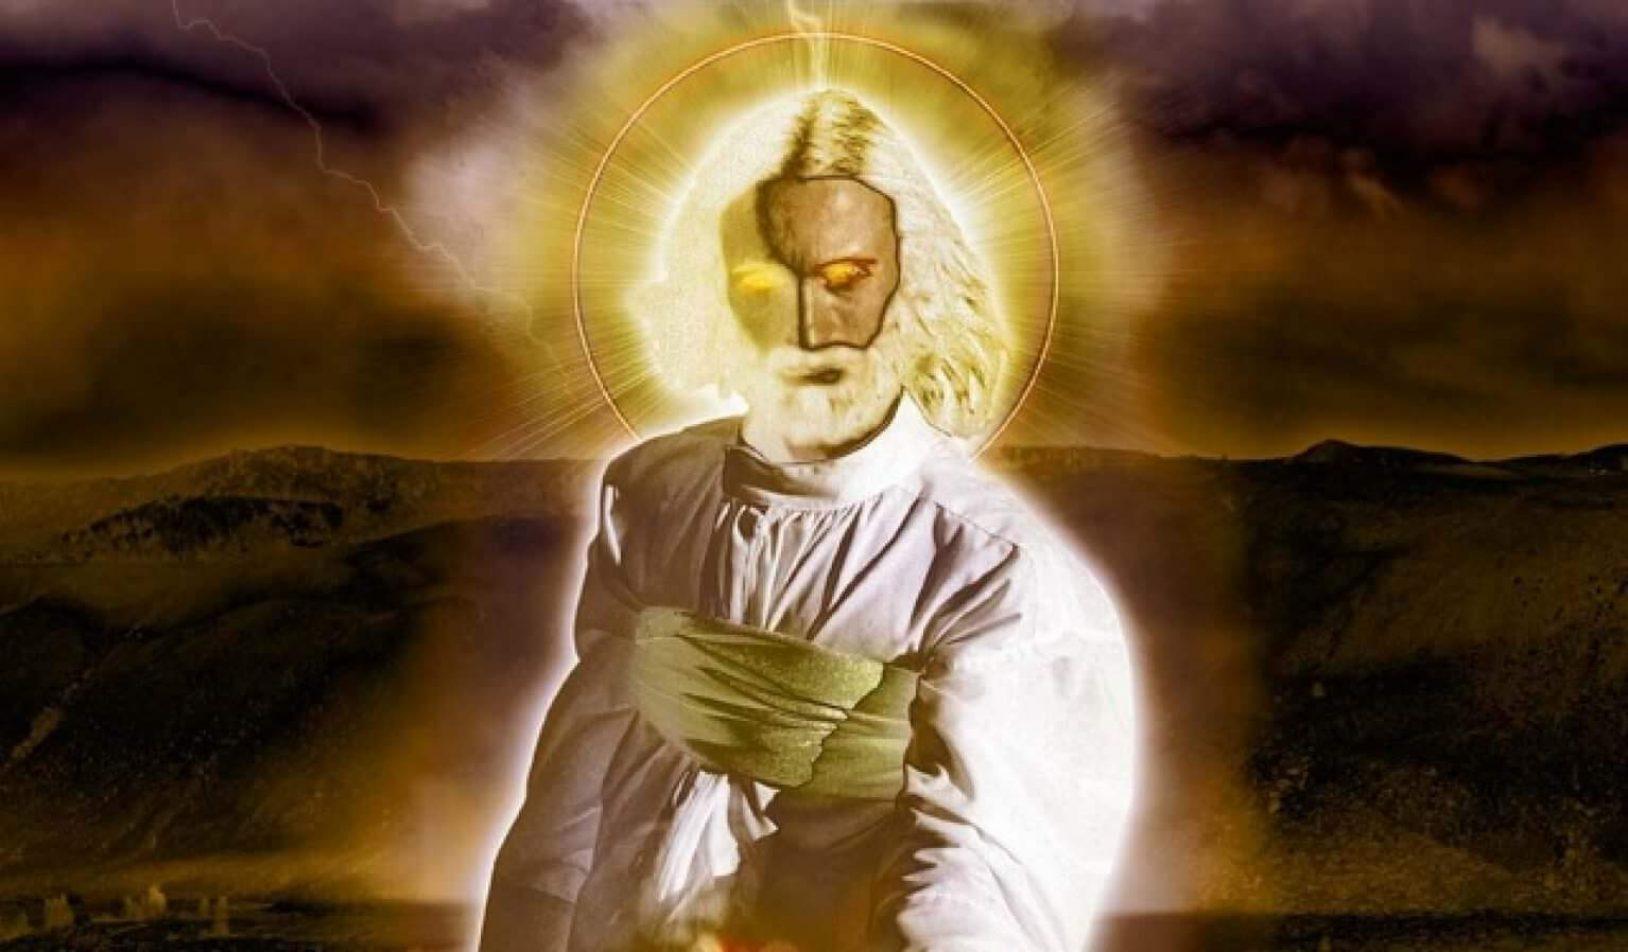 иисус христос, библия, апостол петр, пророчество, конец света